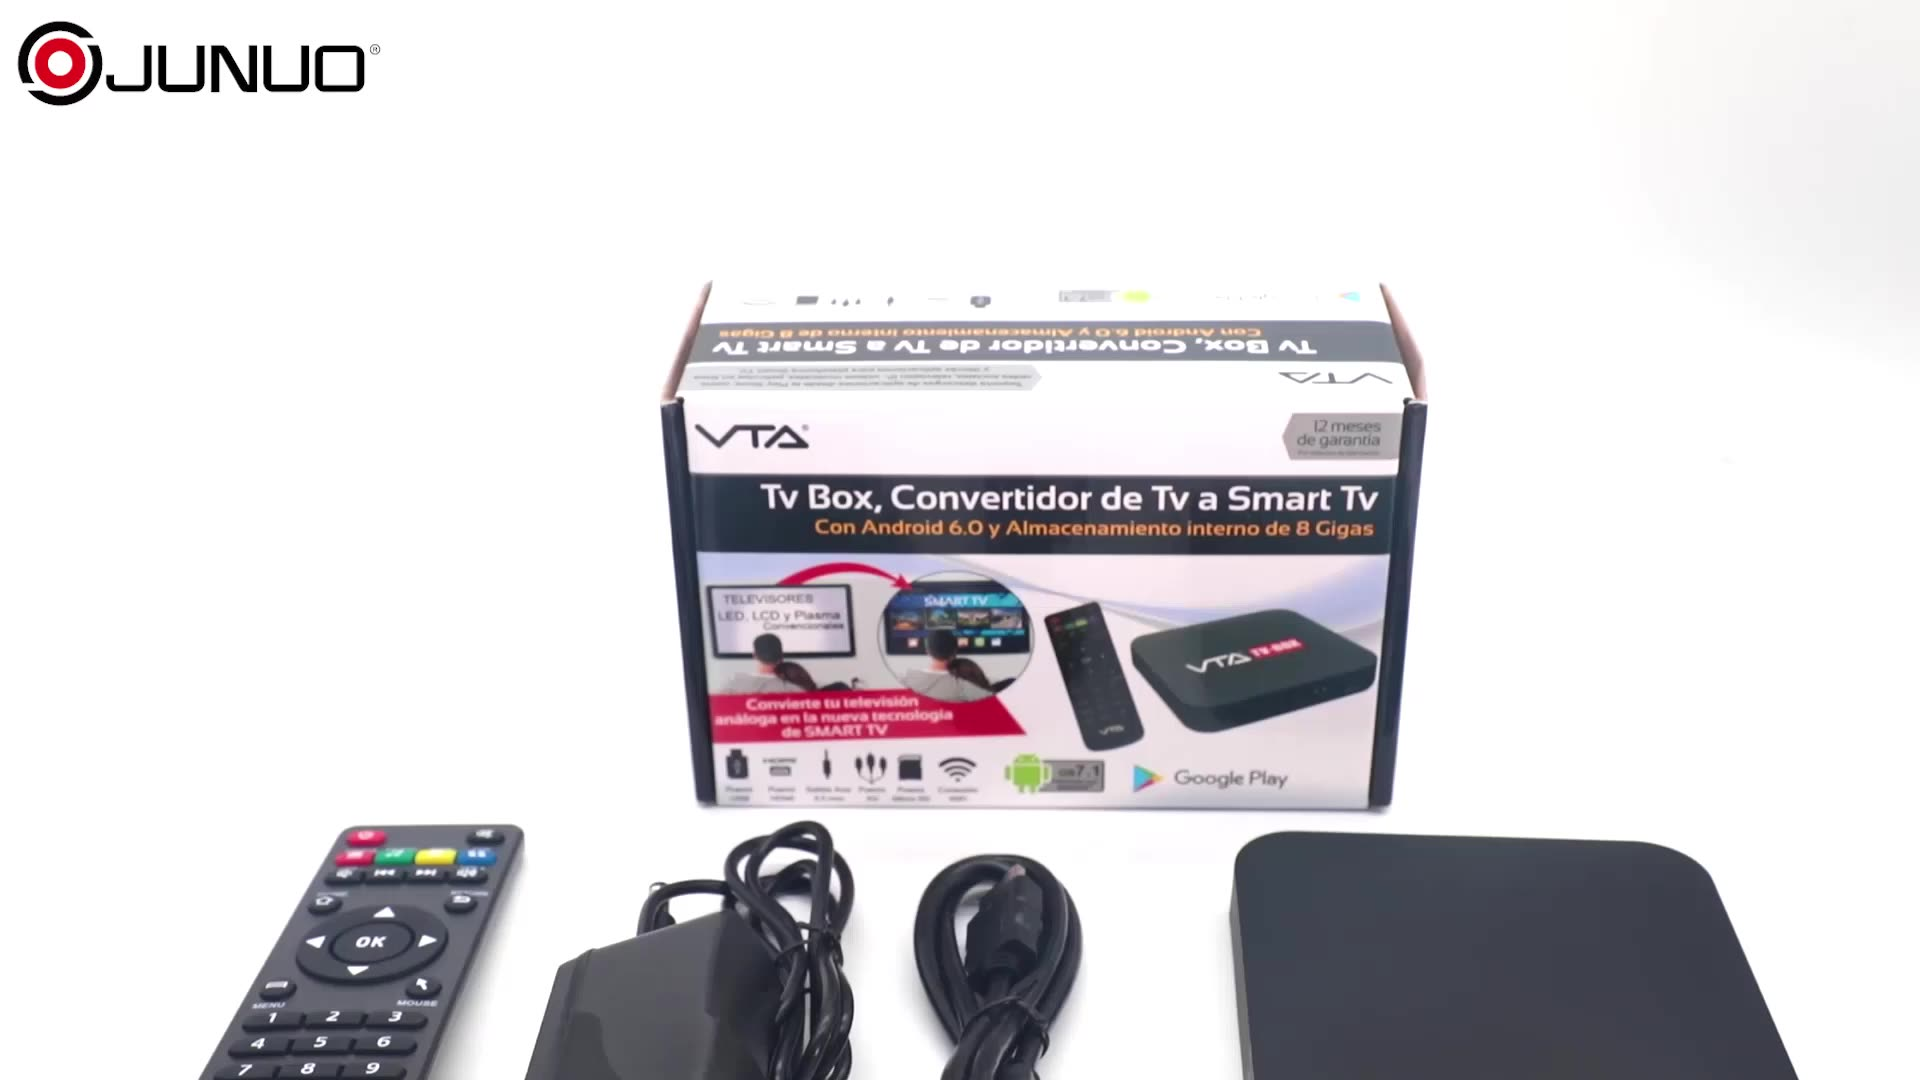 2020 סט Top Box מפעל מוביל העולמי יצרן של DVB H.265 חכם טלוויזיה תיבת אנדרואיד 2020 Decodificador הטלוויזיה דיגיטלי TVBox